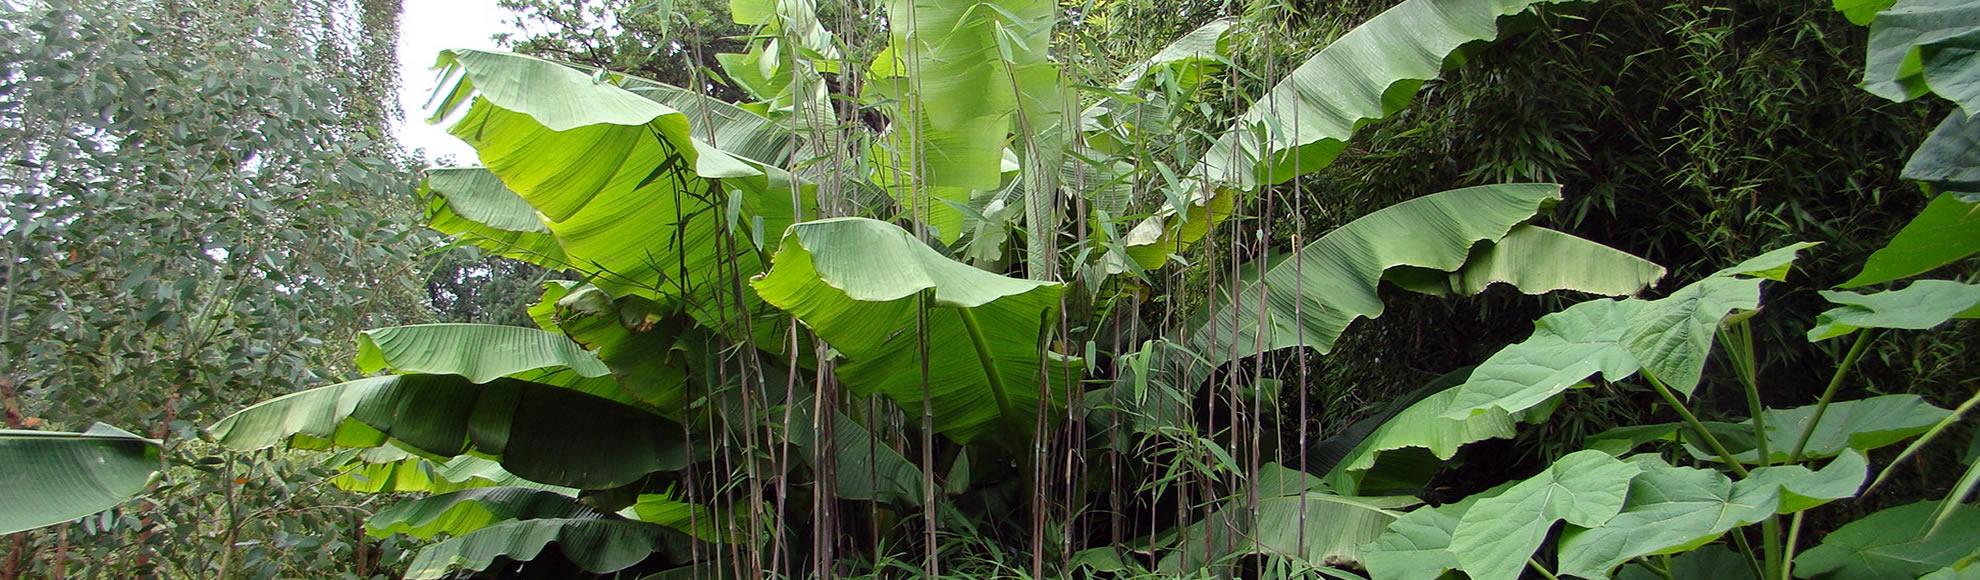 Jungle garden